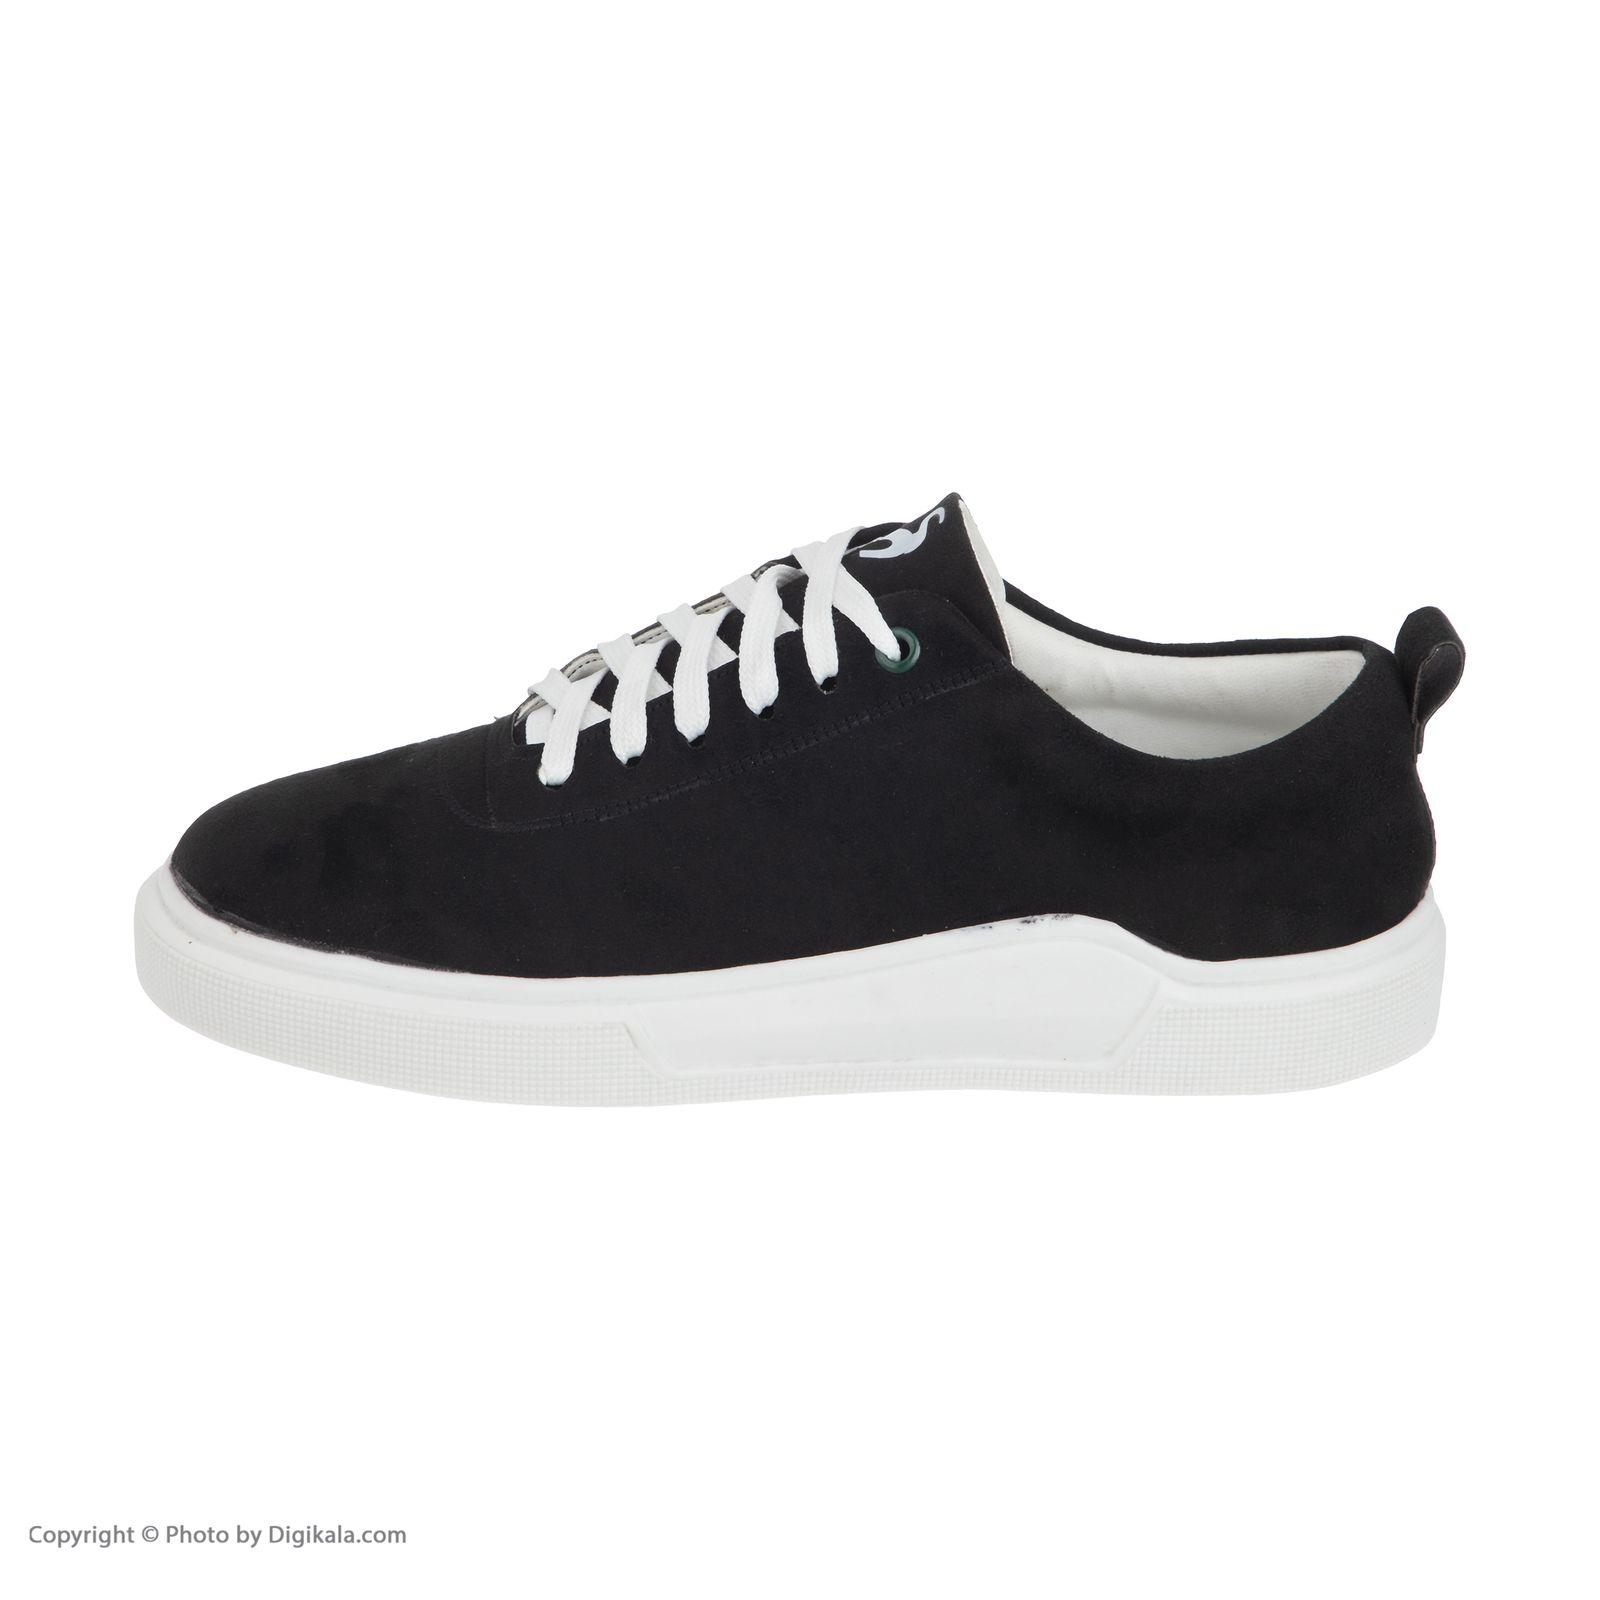 کفش راحتی زنانه آر اِن اِس مدل 113002-99 -  - 3